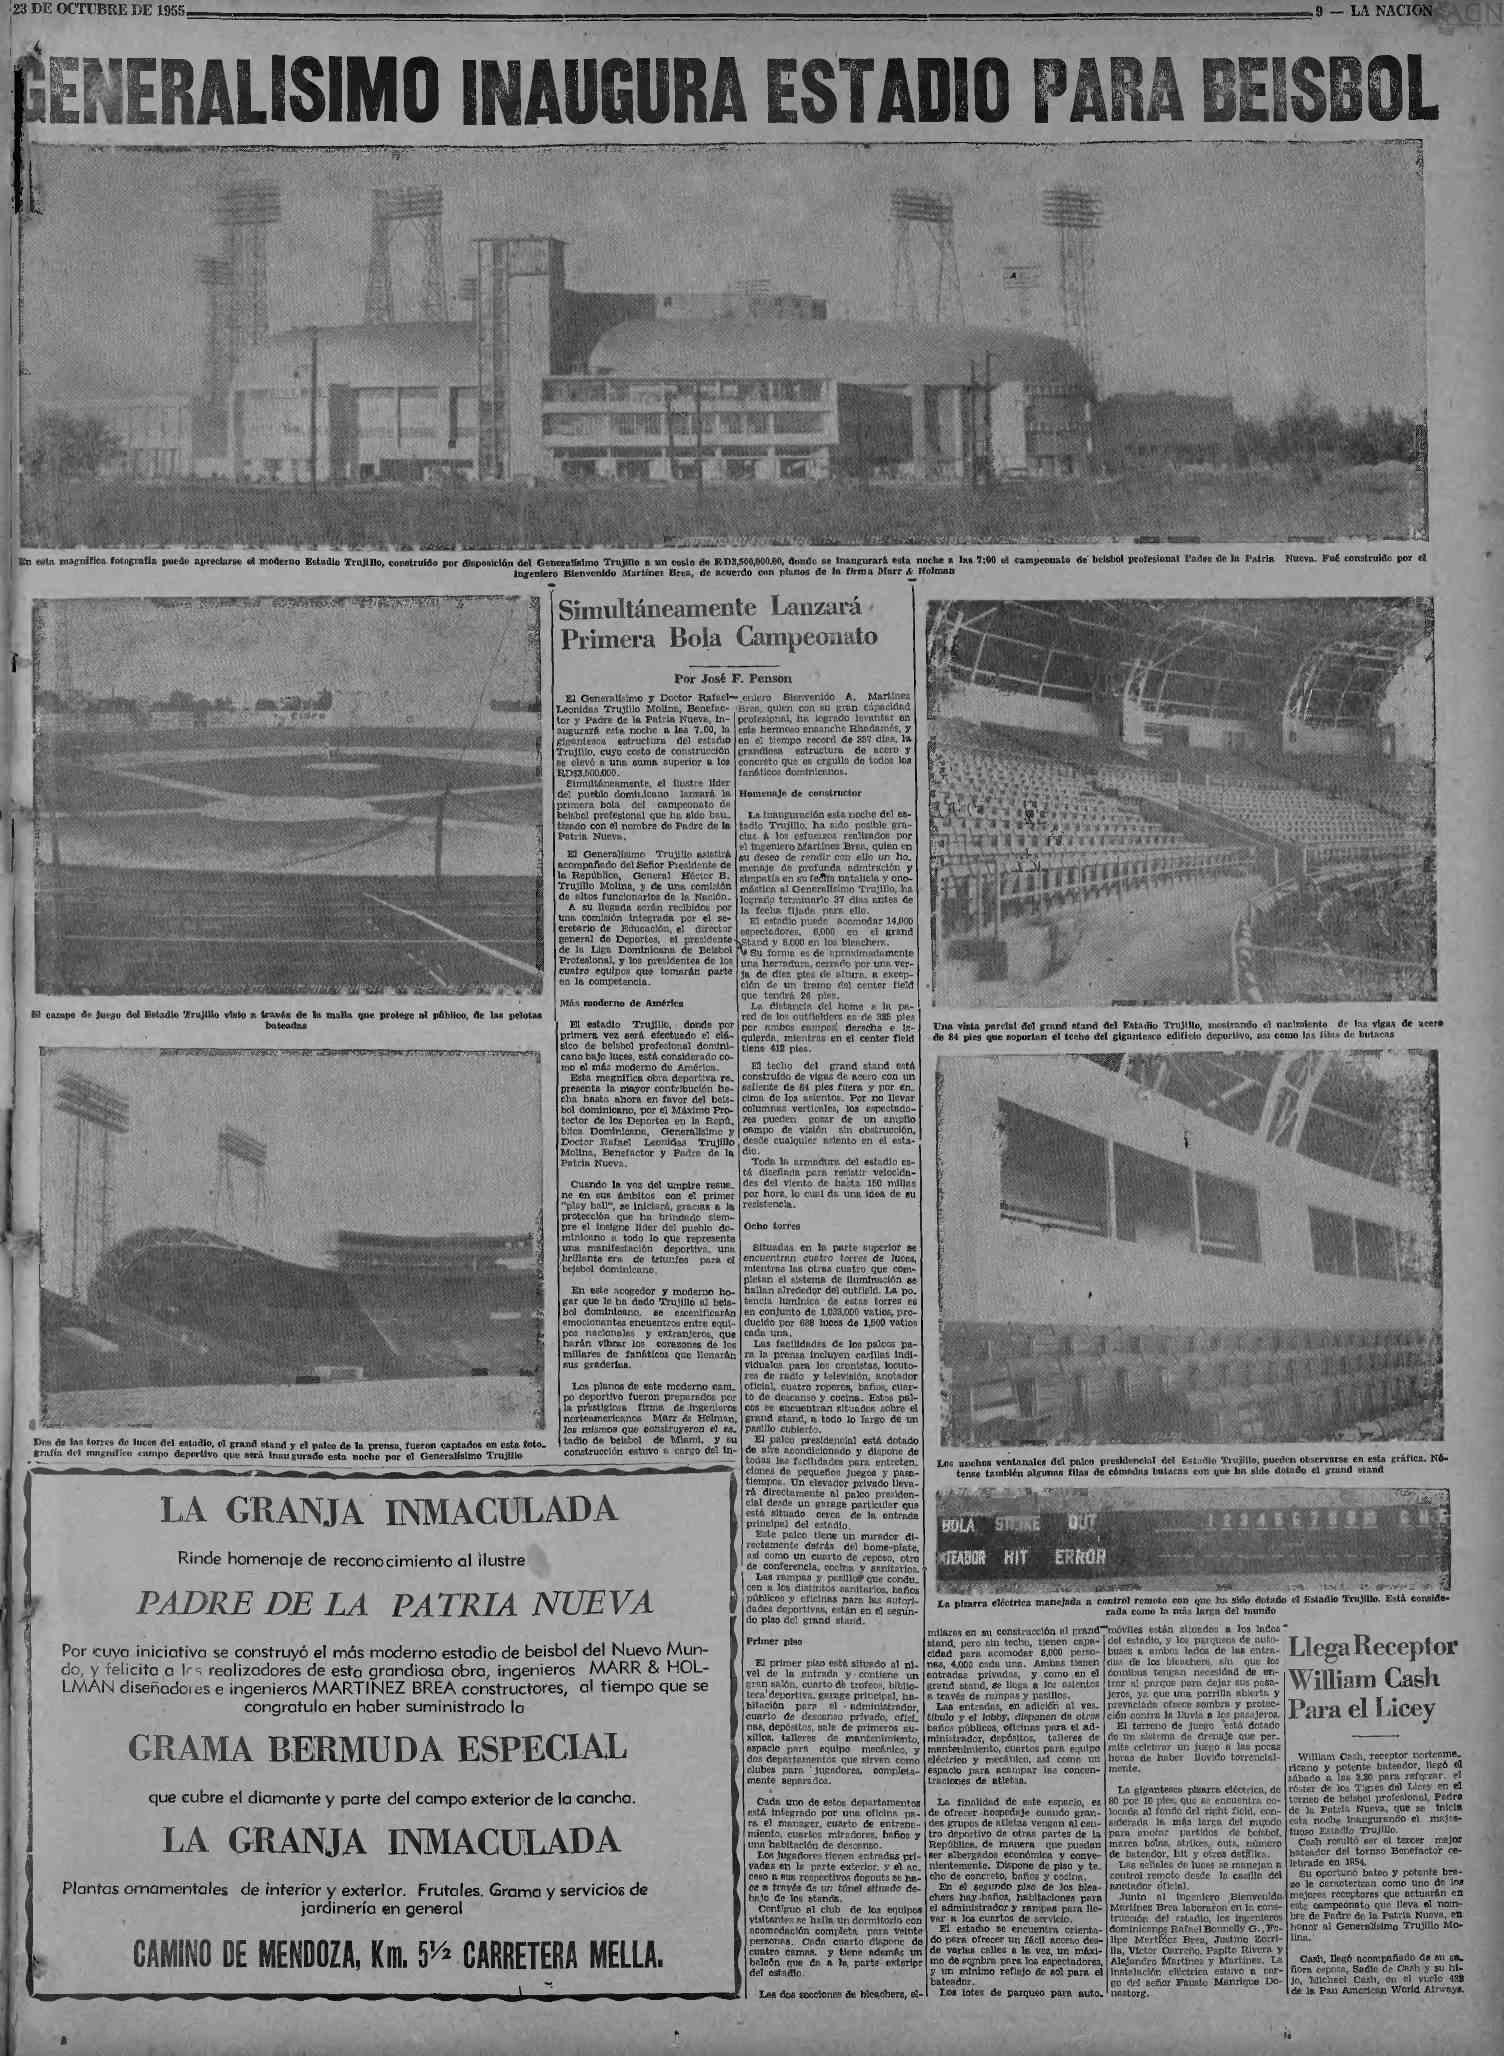 Octubre 23, 1955 LA NACION (pagina)